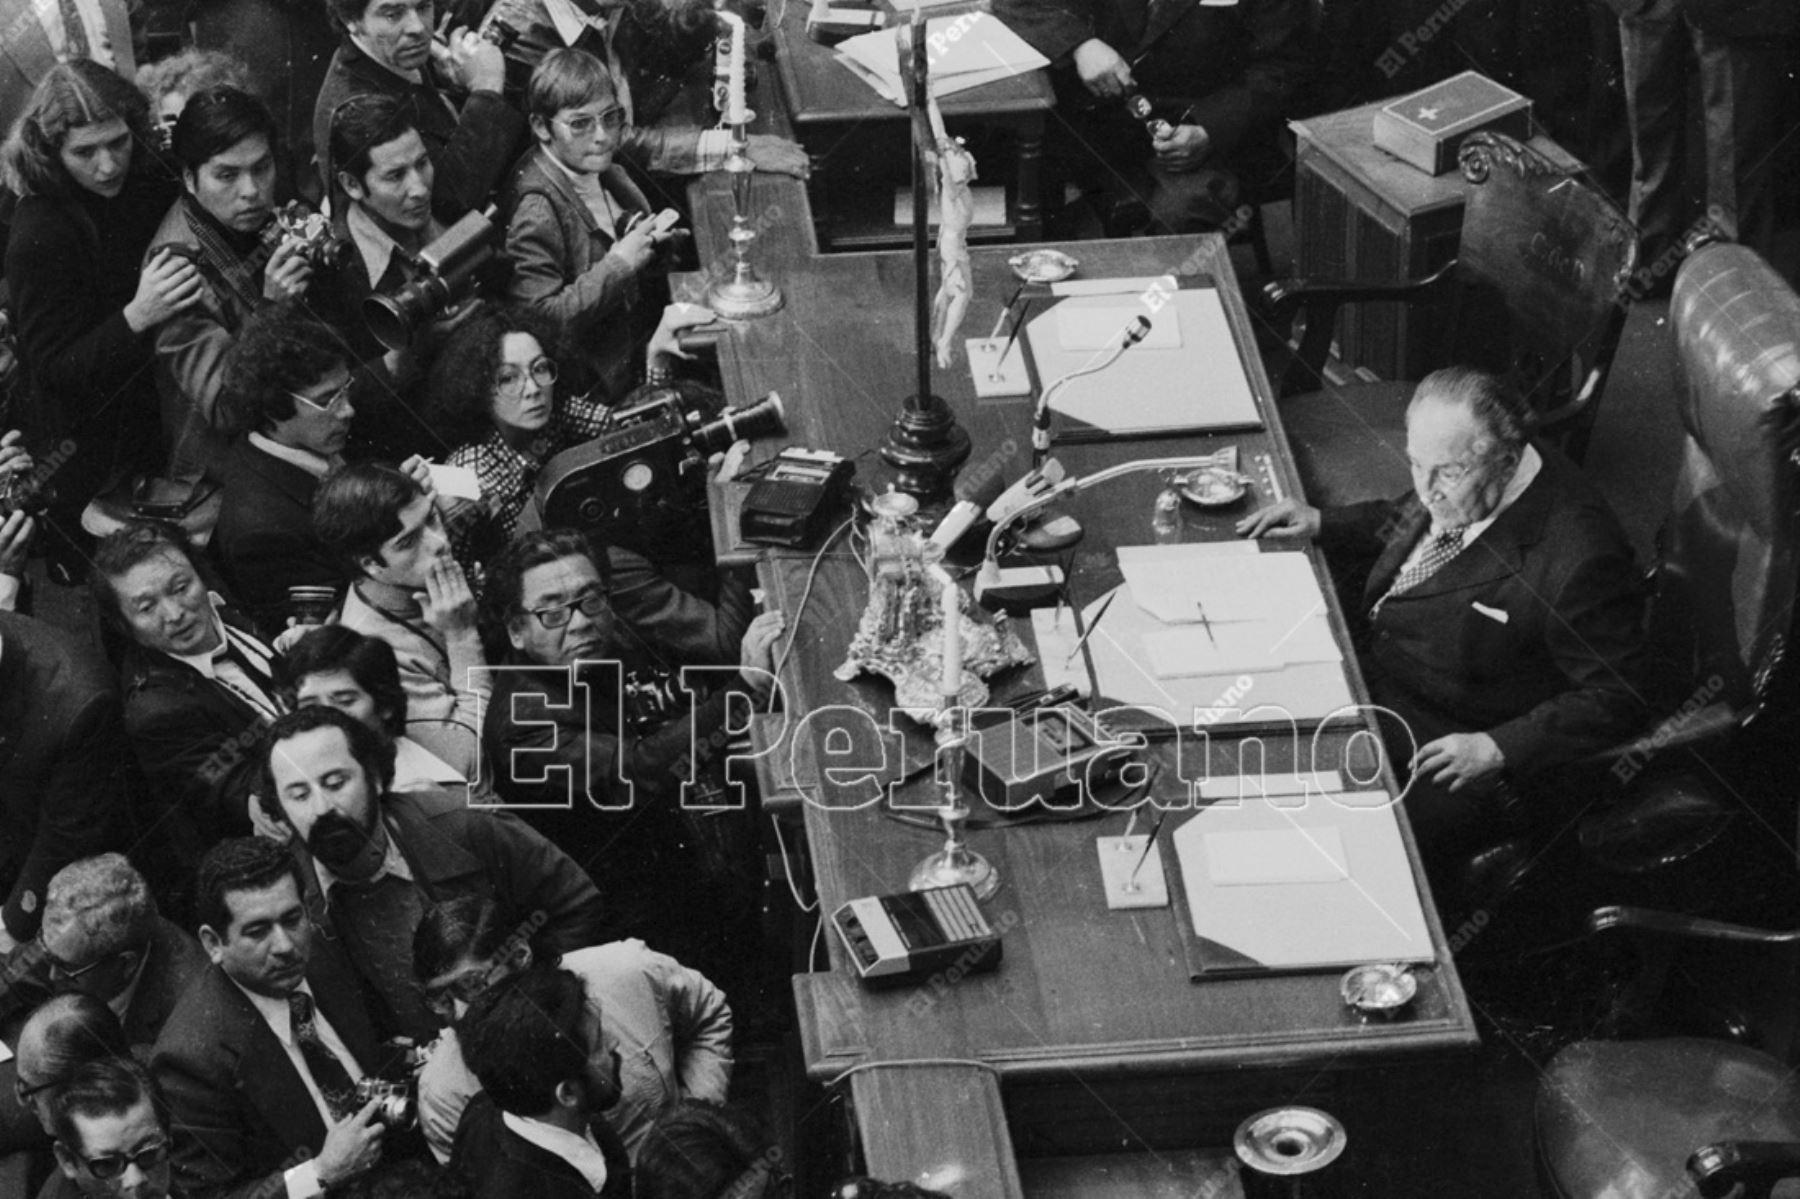 Lima - 18 de julio 1978 / Víctor Raúl Haya de la Torre presidiendo la Junta Preparatoria de la Asamblea Constituyente en el hemiciclo de la Cámara de Diputados del Congreso.  Foto: Archivo El Peruano